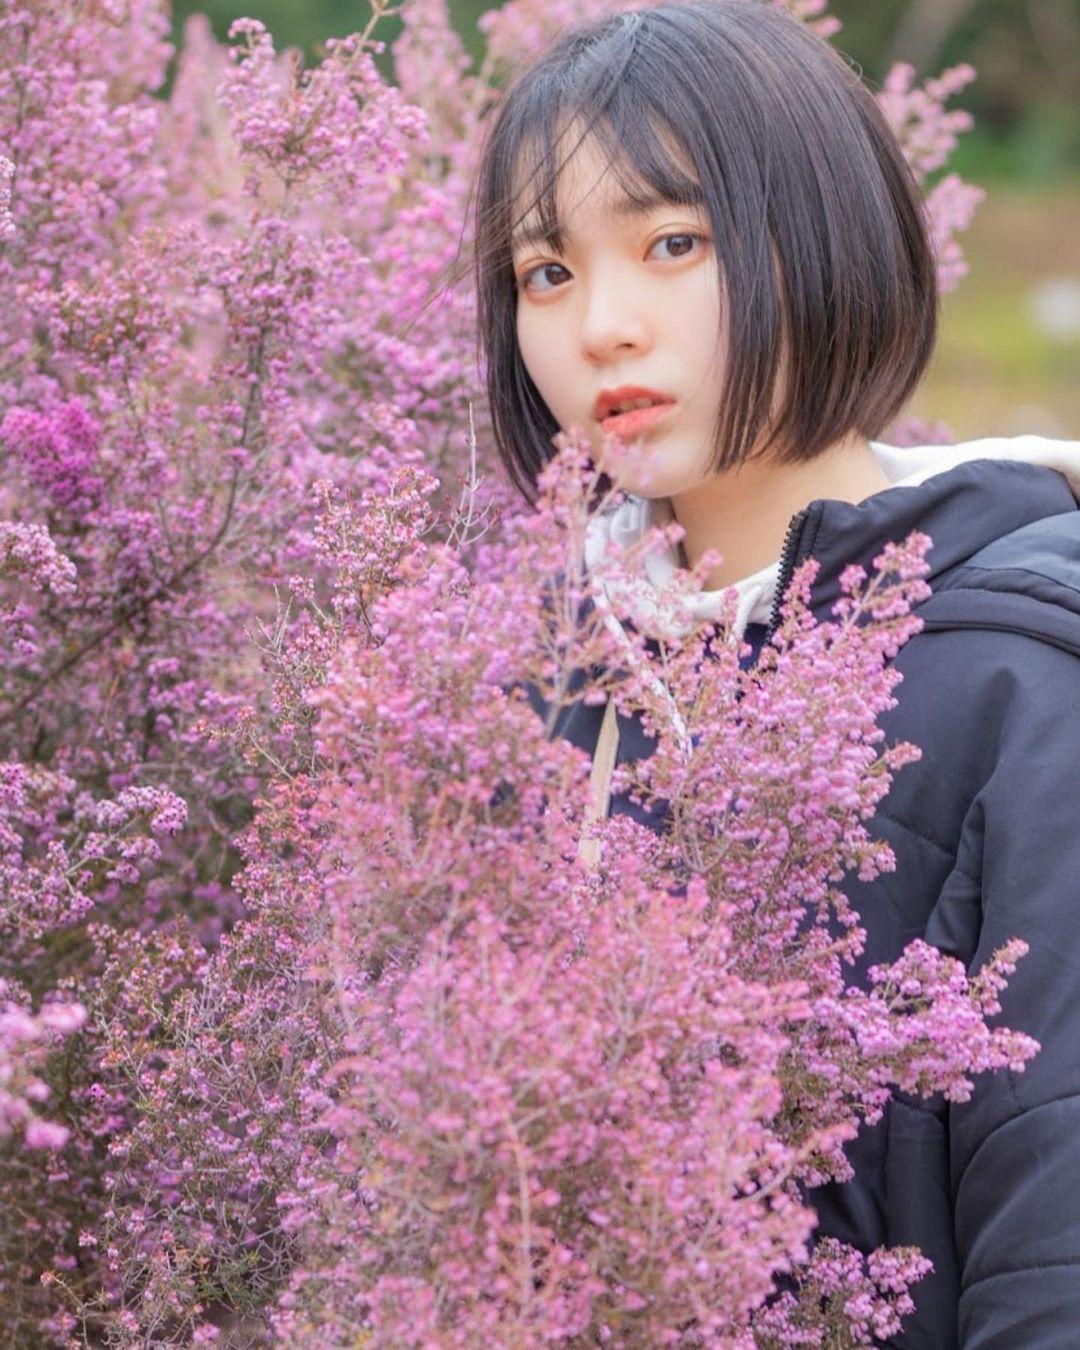 17岁仙女高中生瀬戸りつ绝美长相激似IU 全身散发空灵气质美到有点不真实 养眼图片 第18张